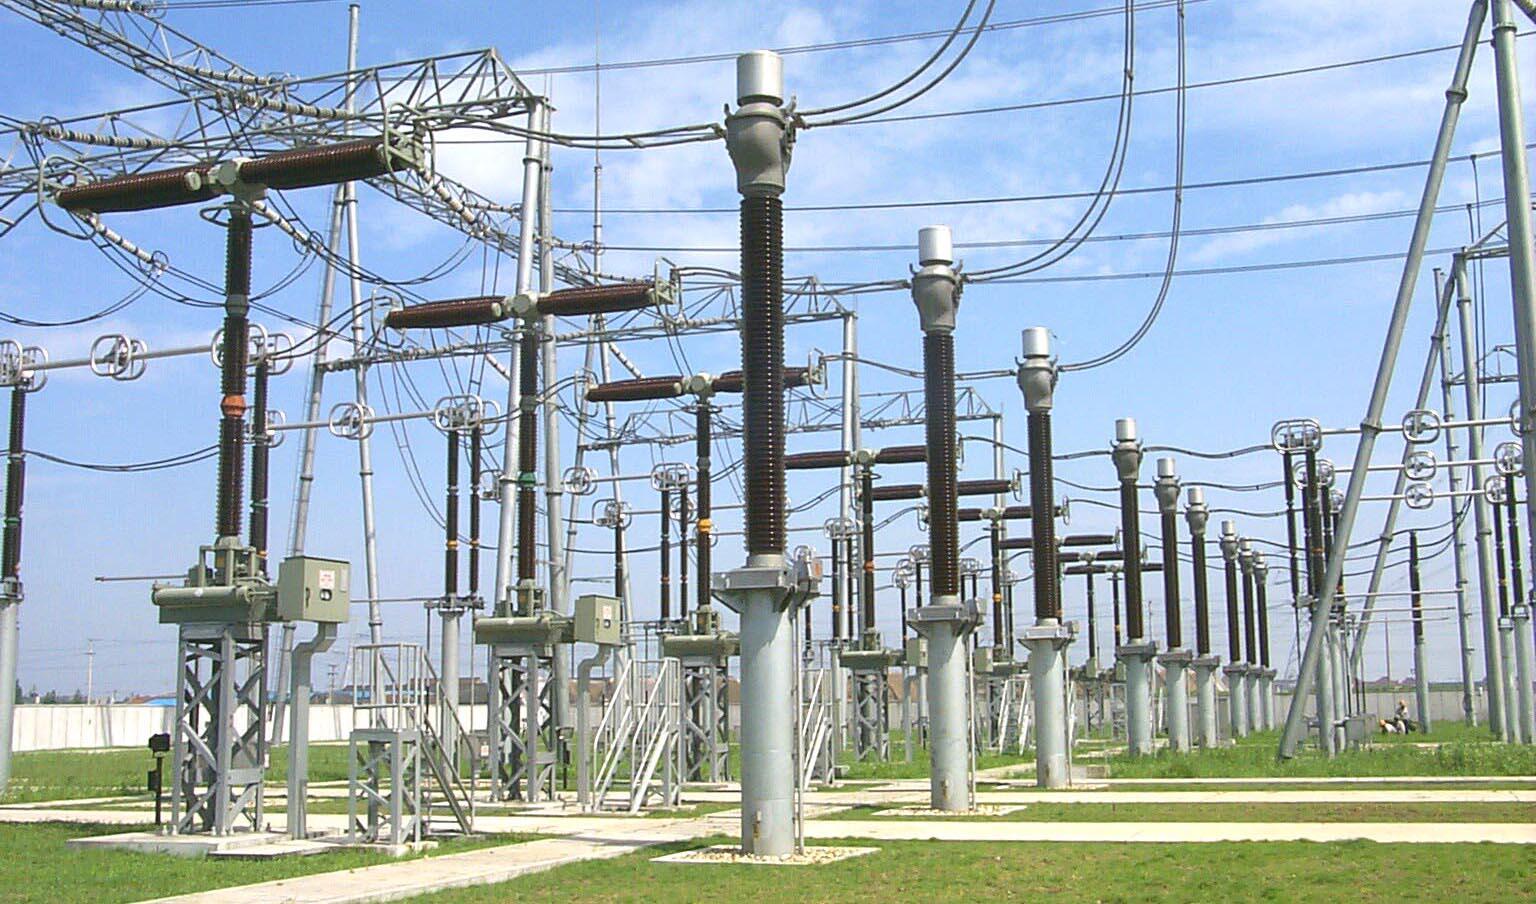 دو گام اساسی برای اصلاح حکمرانی صنعت برق کشور